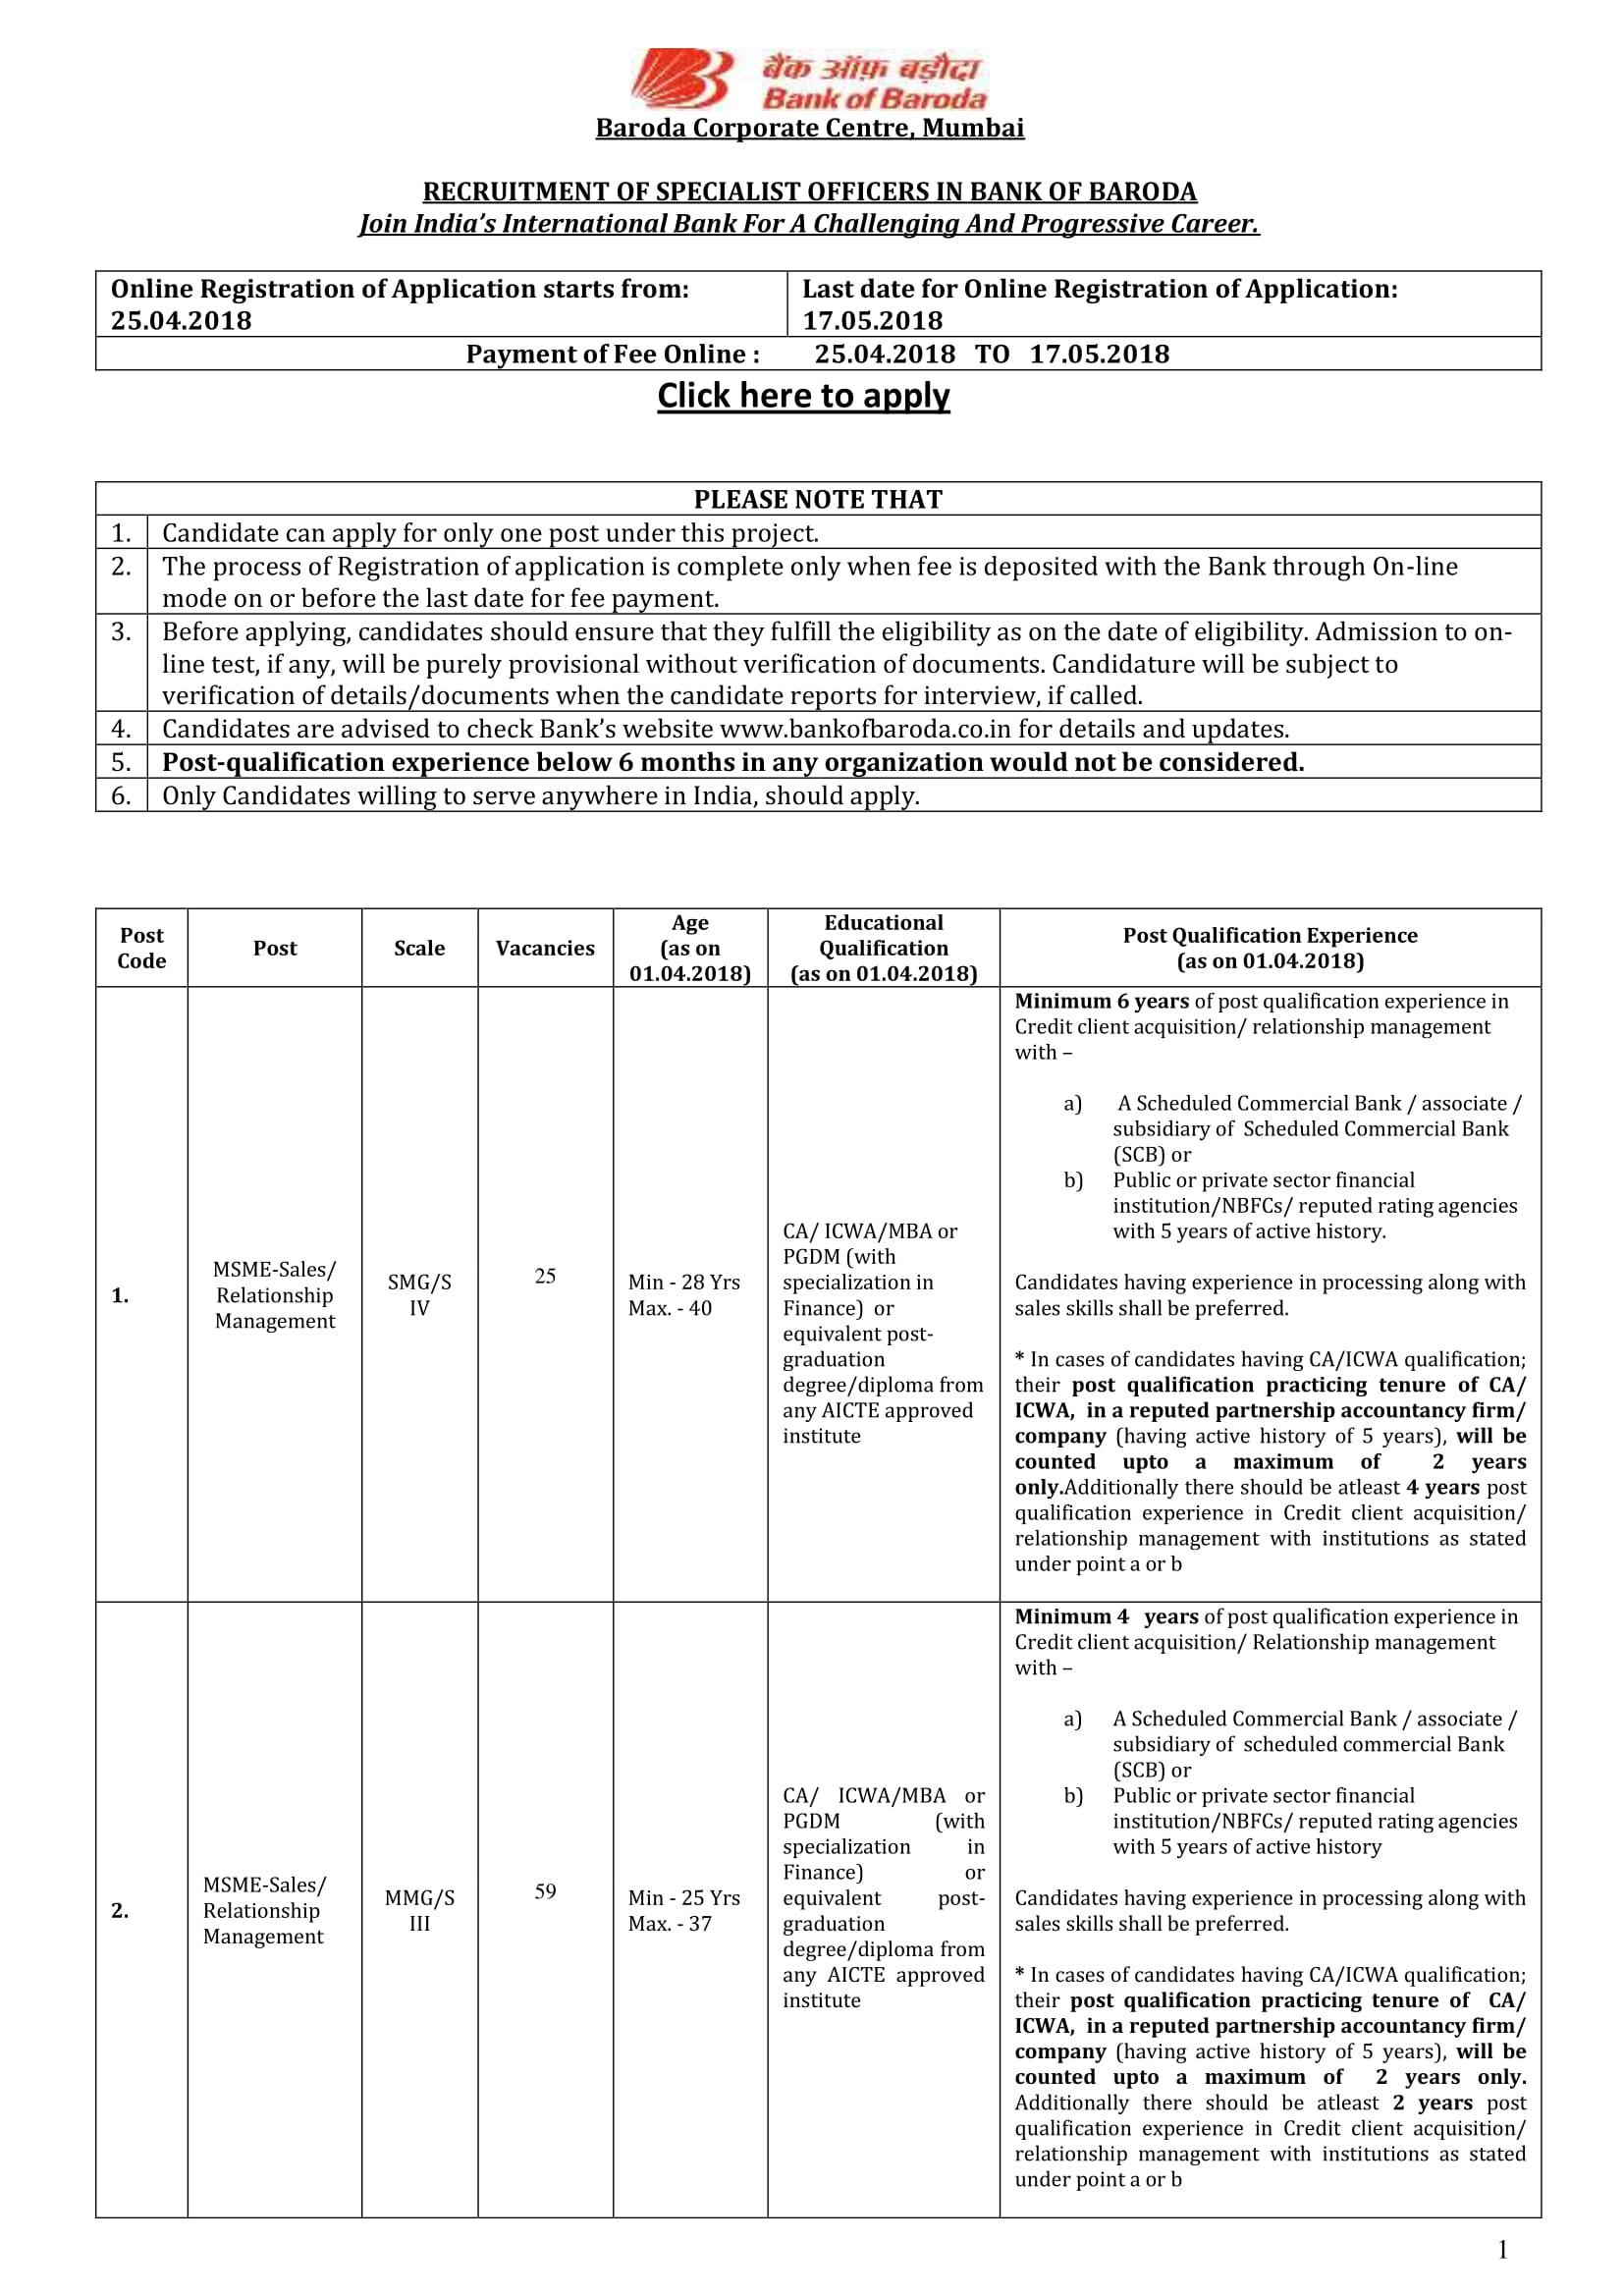 bank of baroda job application form 2015